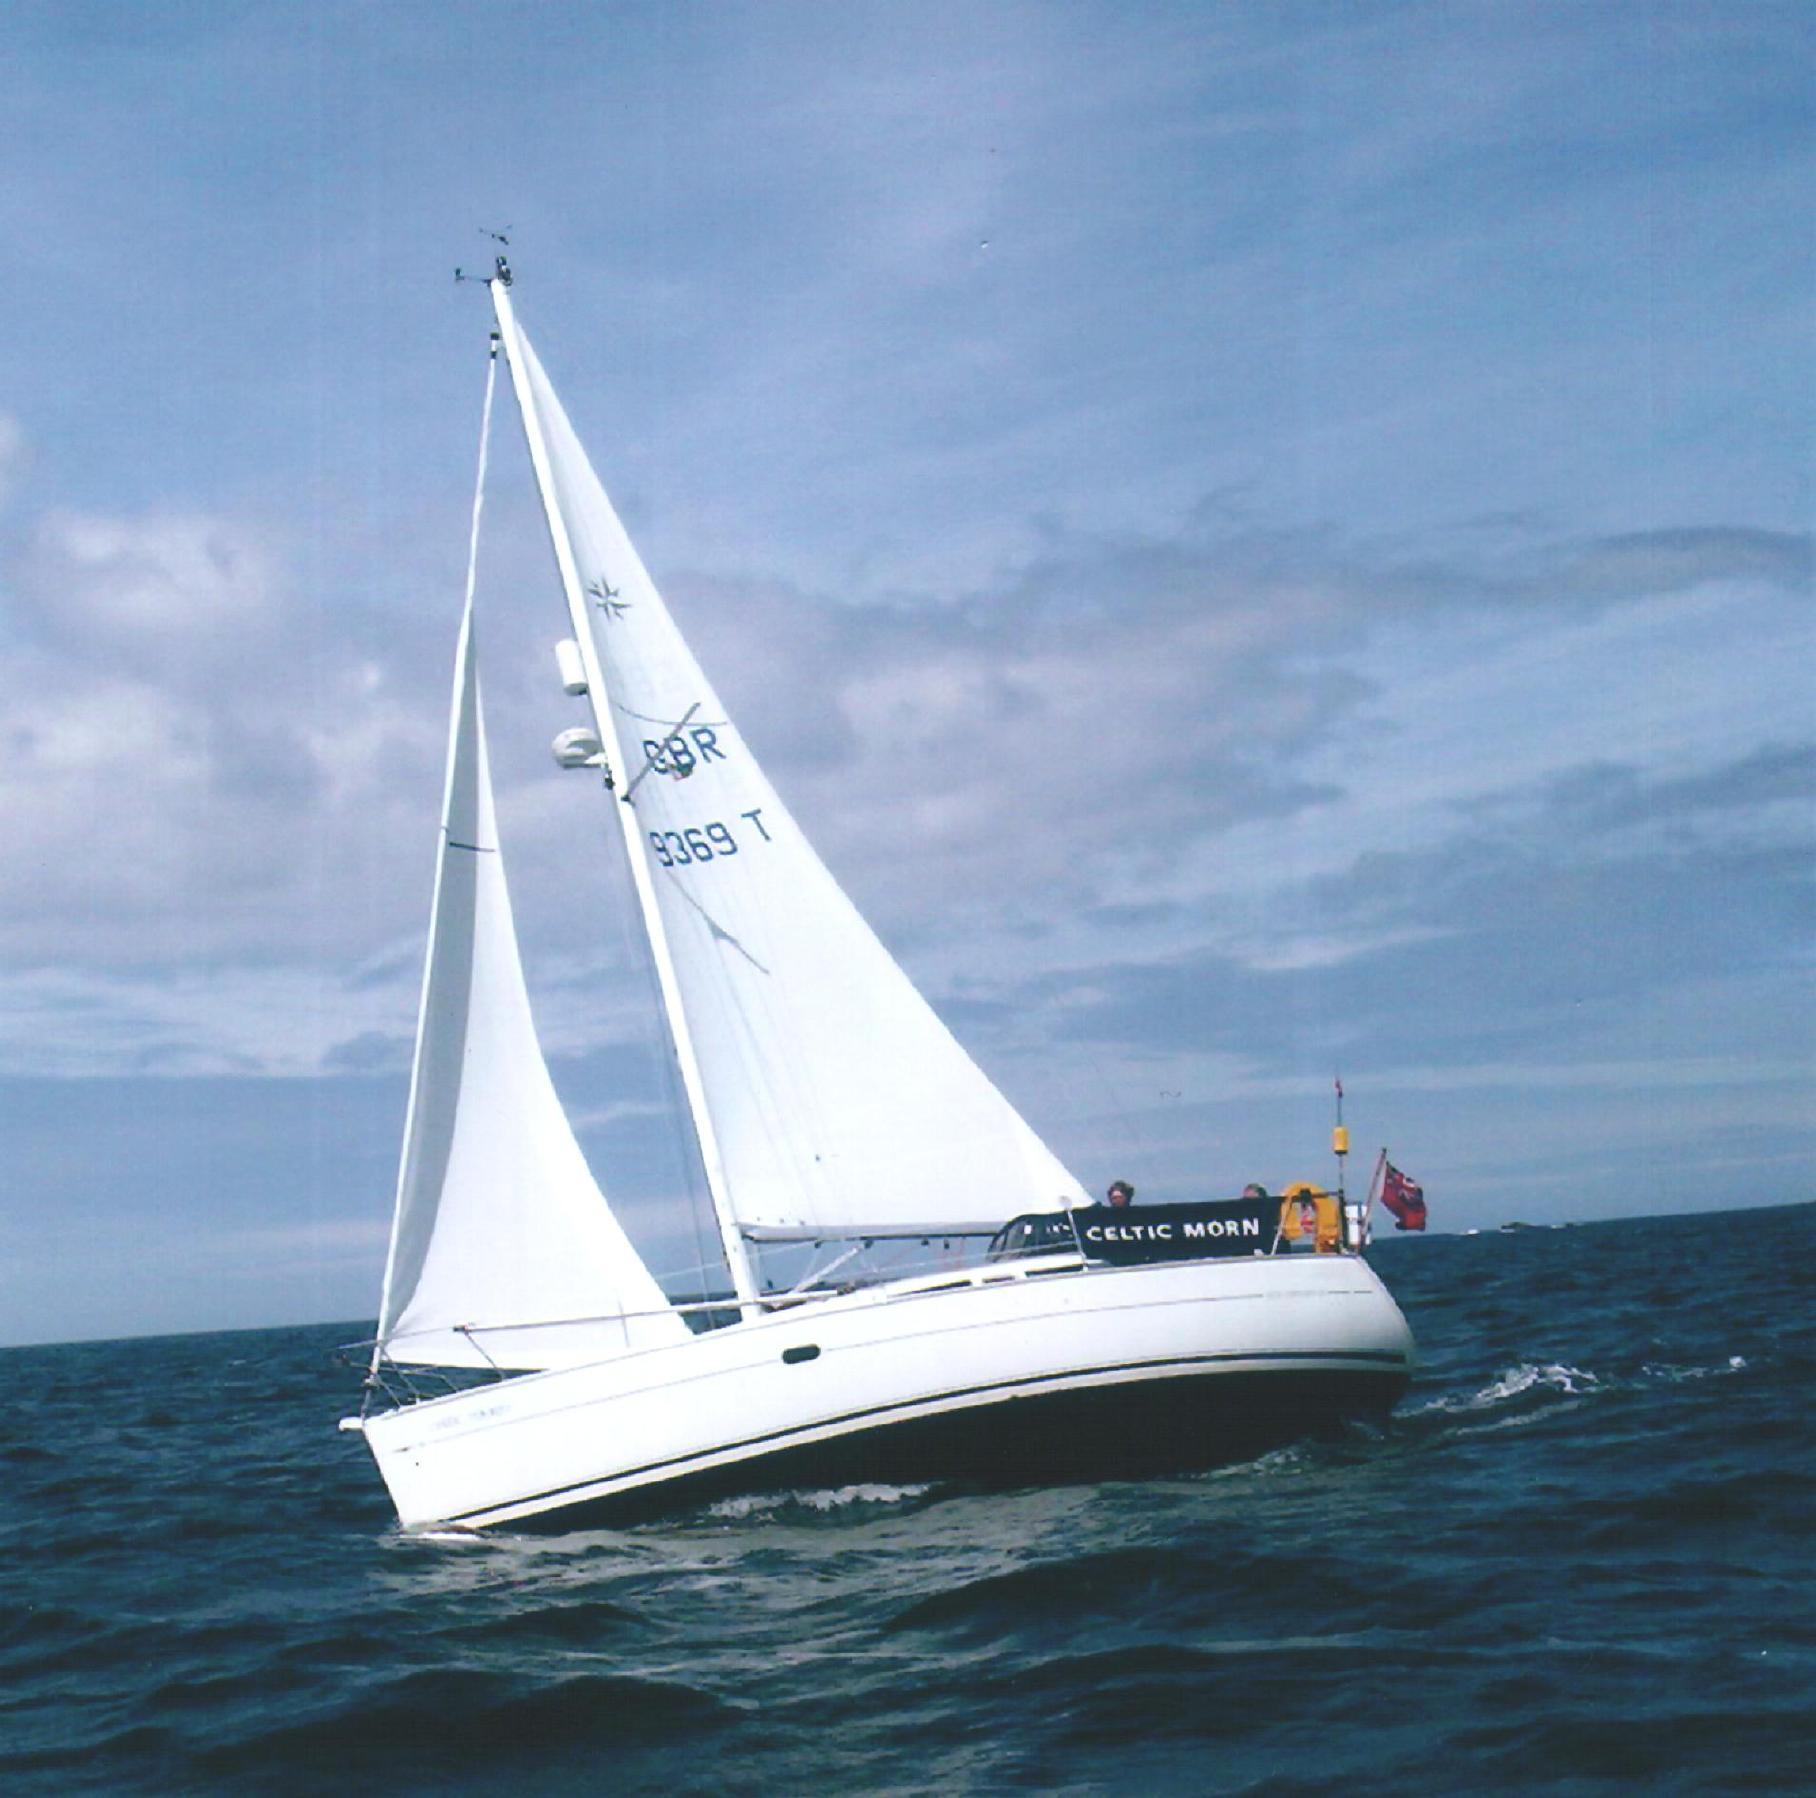 парусная лодка, корабль, море, фото обои